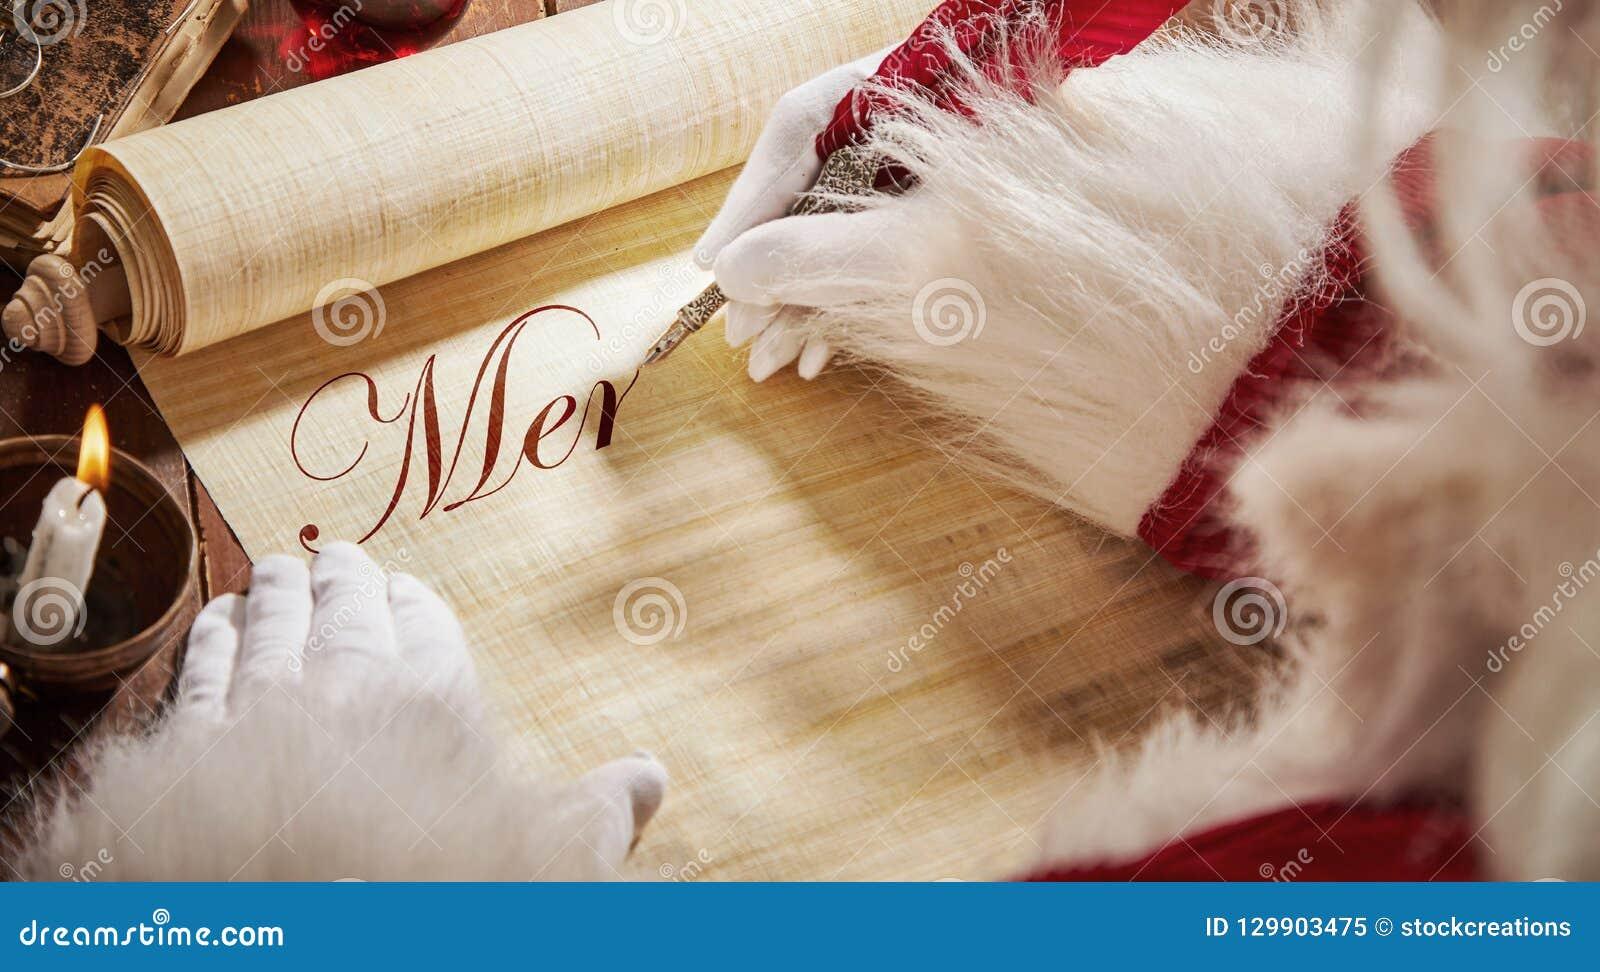 Ojca Bożenarodzeniowy pisać na rocznik ślimacznicie